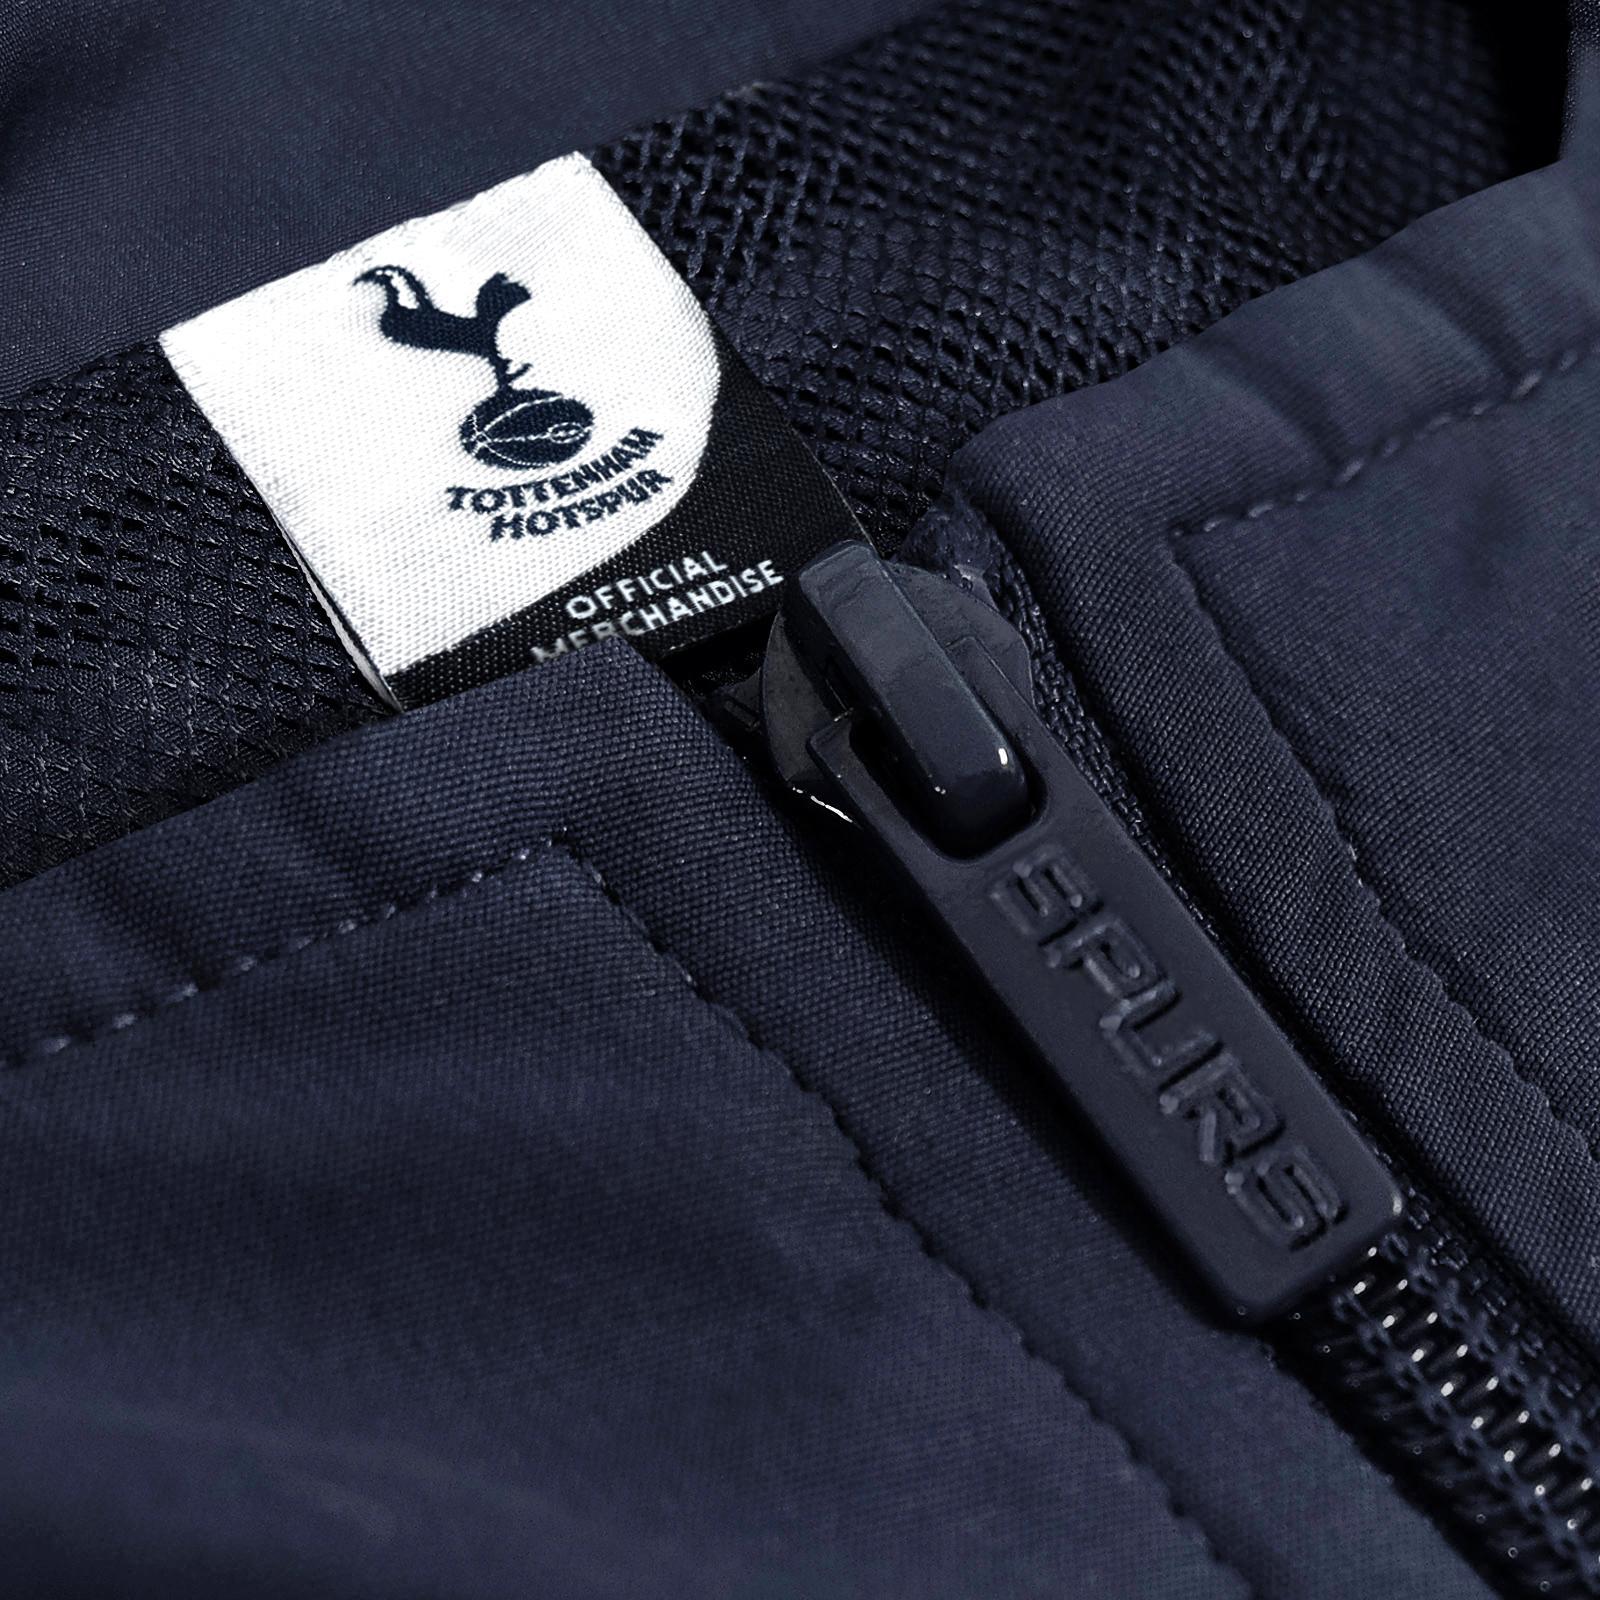 Tottenham Hotspur FC - Chándal oficial para hombre - Chaqueta y ... 8d8b5df801989